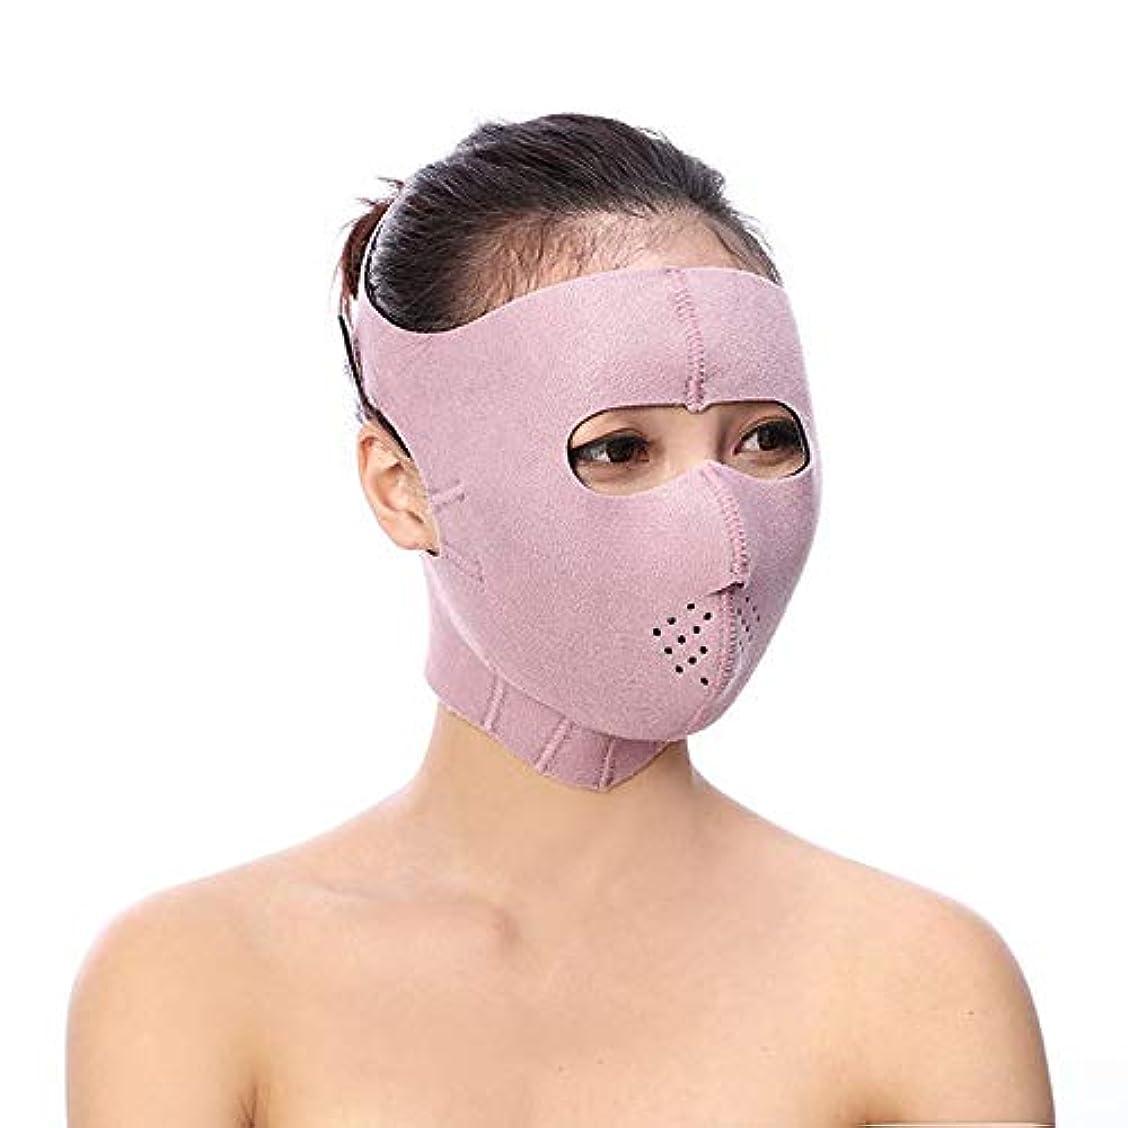 私たち自身真似る空洞BS フェイシャルリフティング痩身ベルト - Vフェイス包帯マスクフェイシャルマッサージャー無料の薄いフェイス包帯整形マスクを引き締める顔と首の顔スリム フェイスリフティングアーティファクト